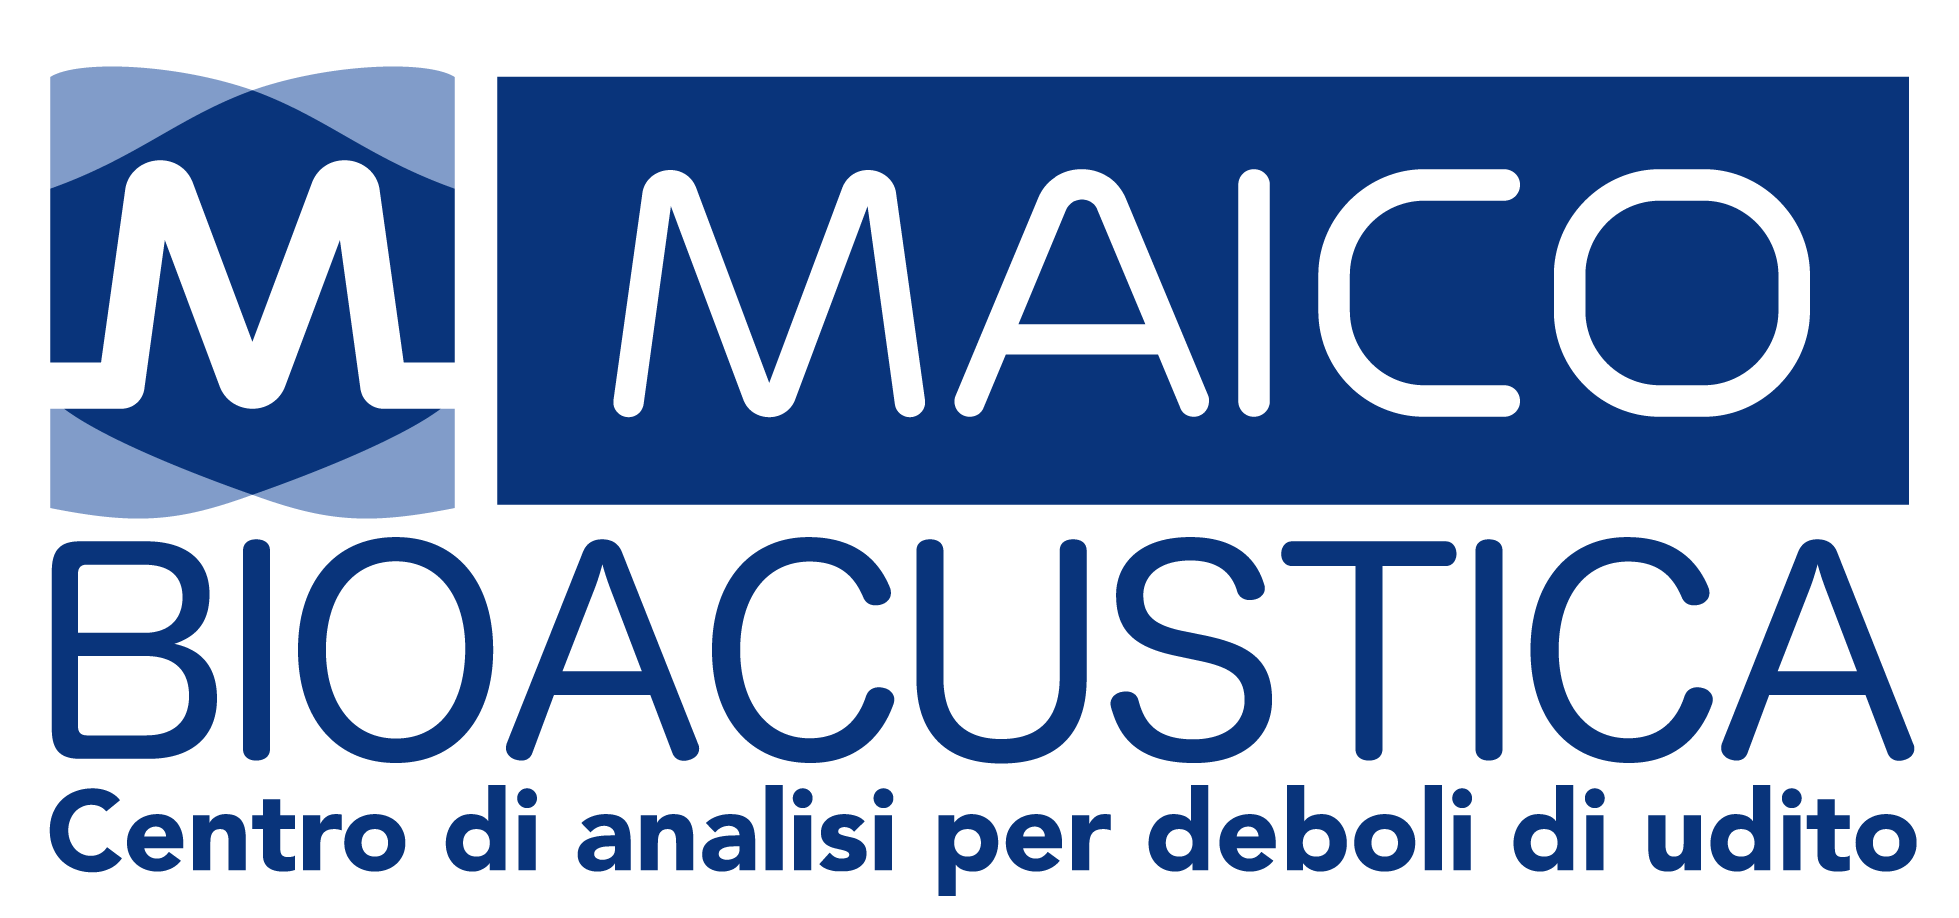 logo-maico-bioacustica-o-01